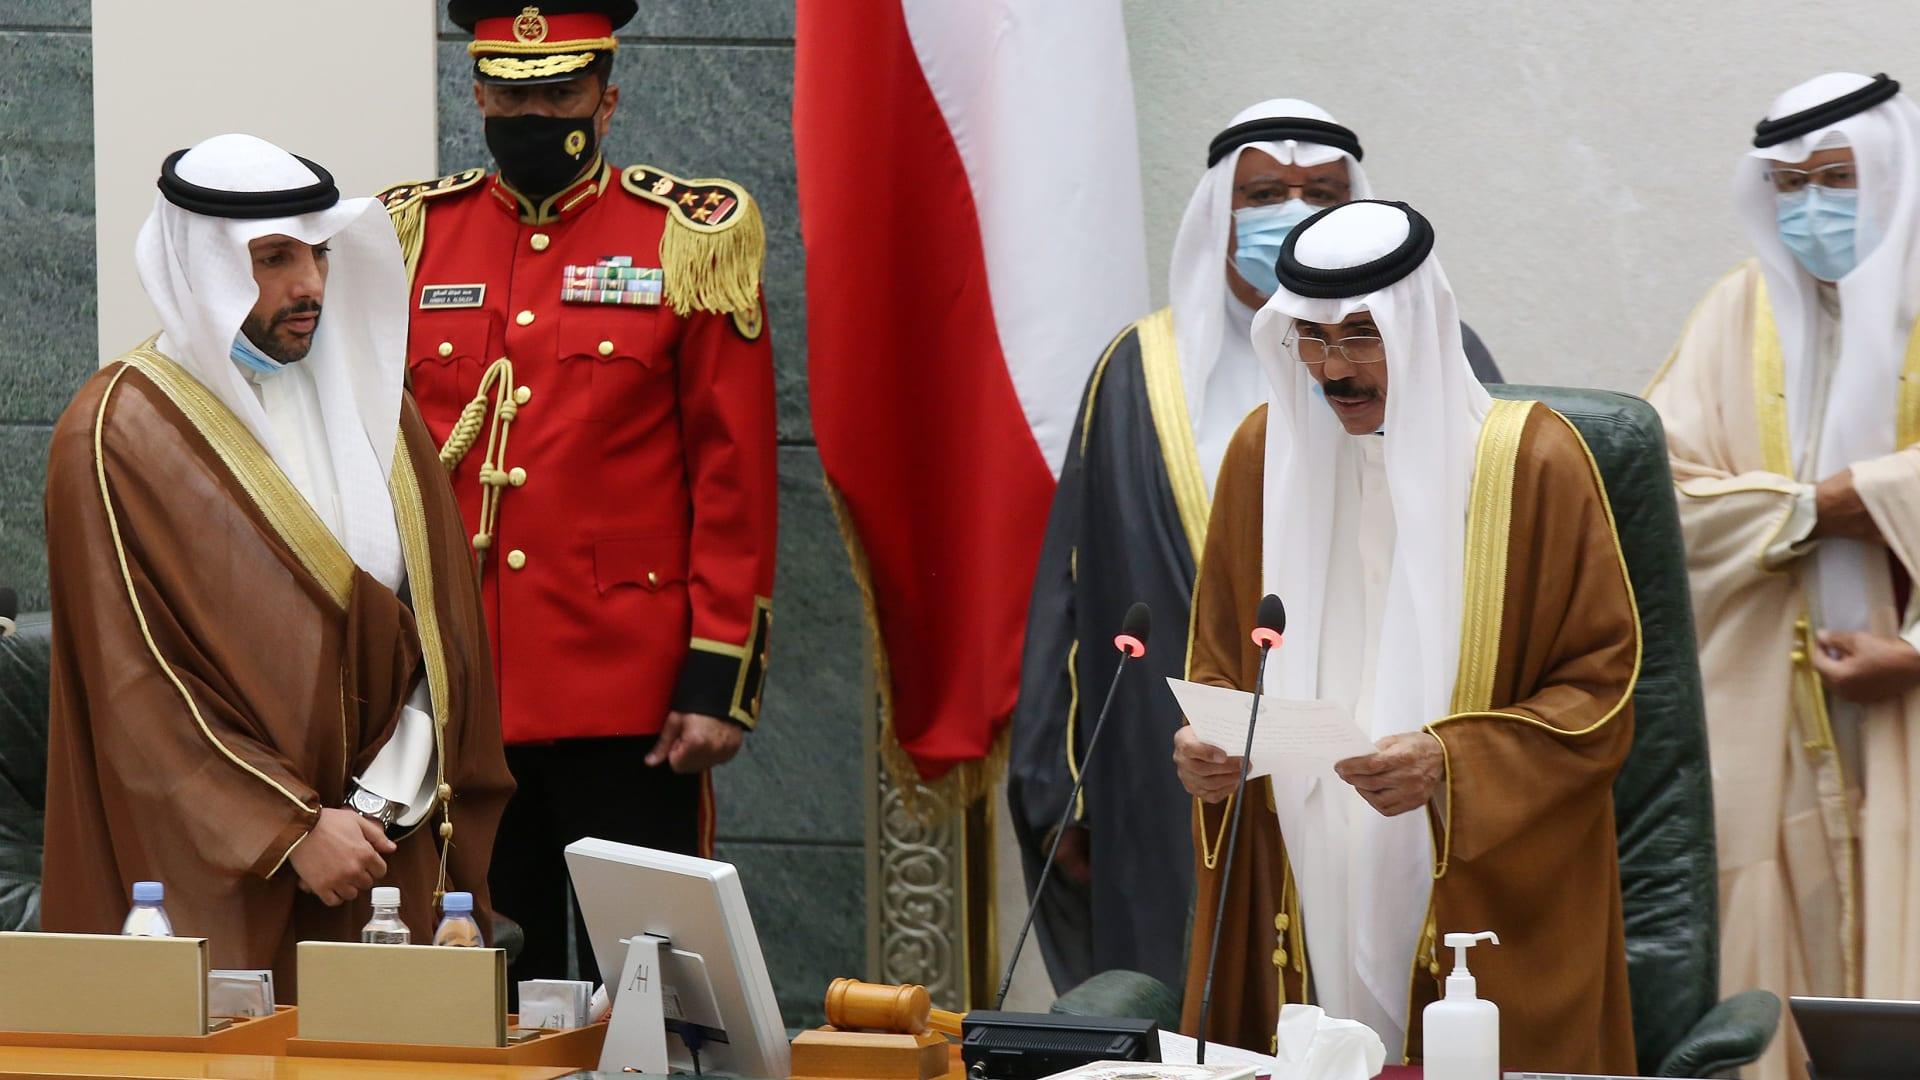 الشيخ نواف يؤدي اليمين الدستورية أميرا للكويت